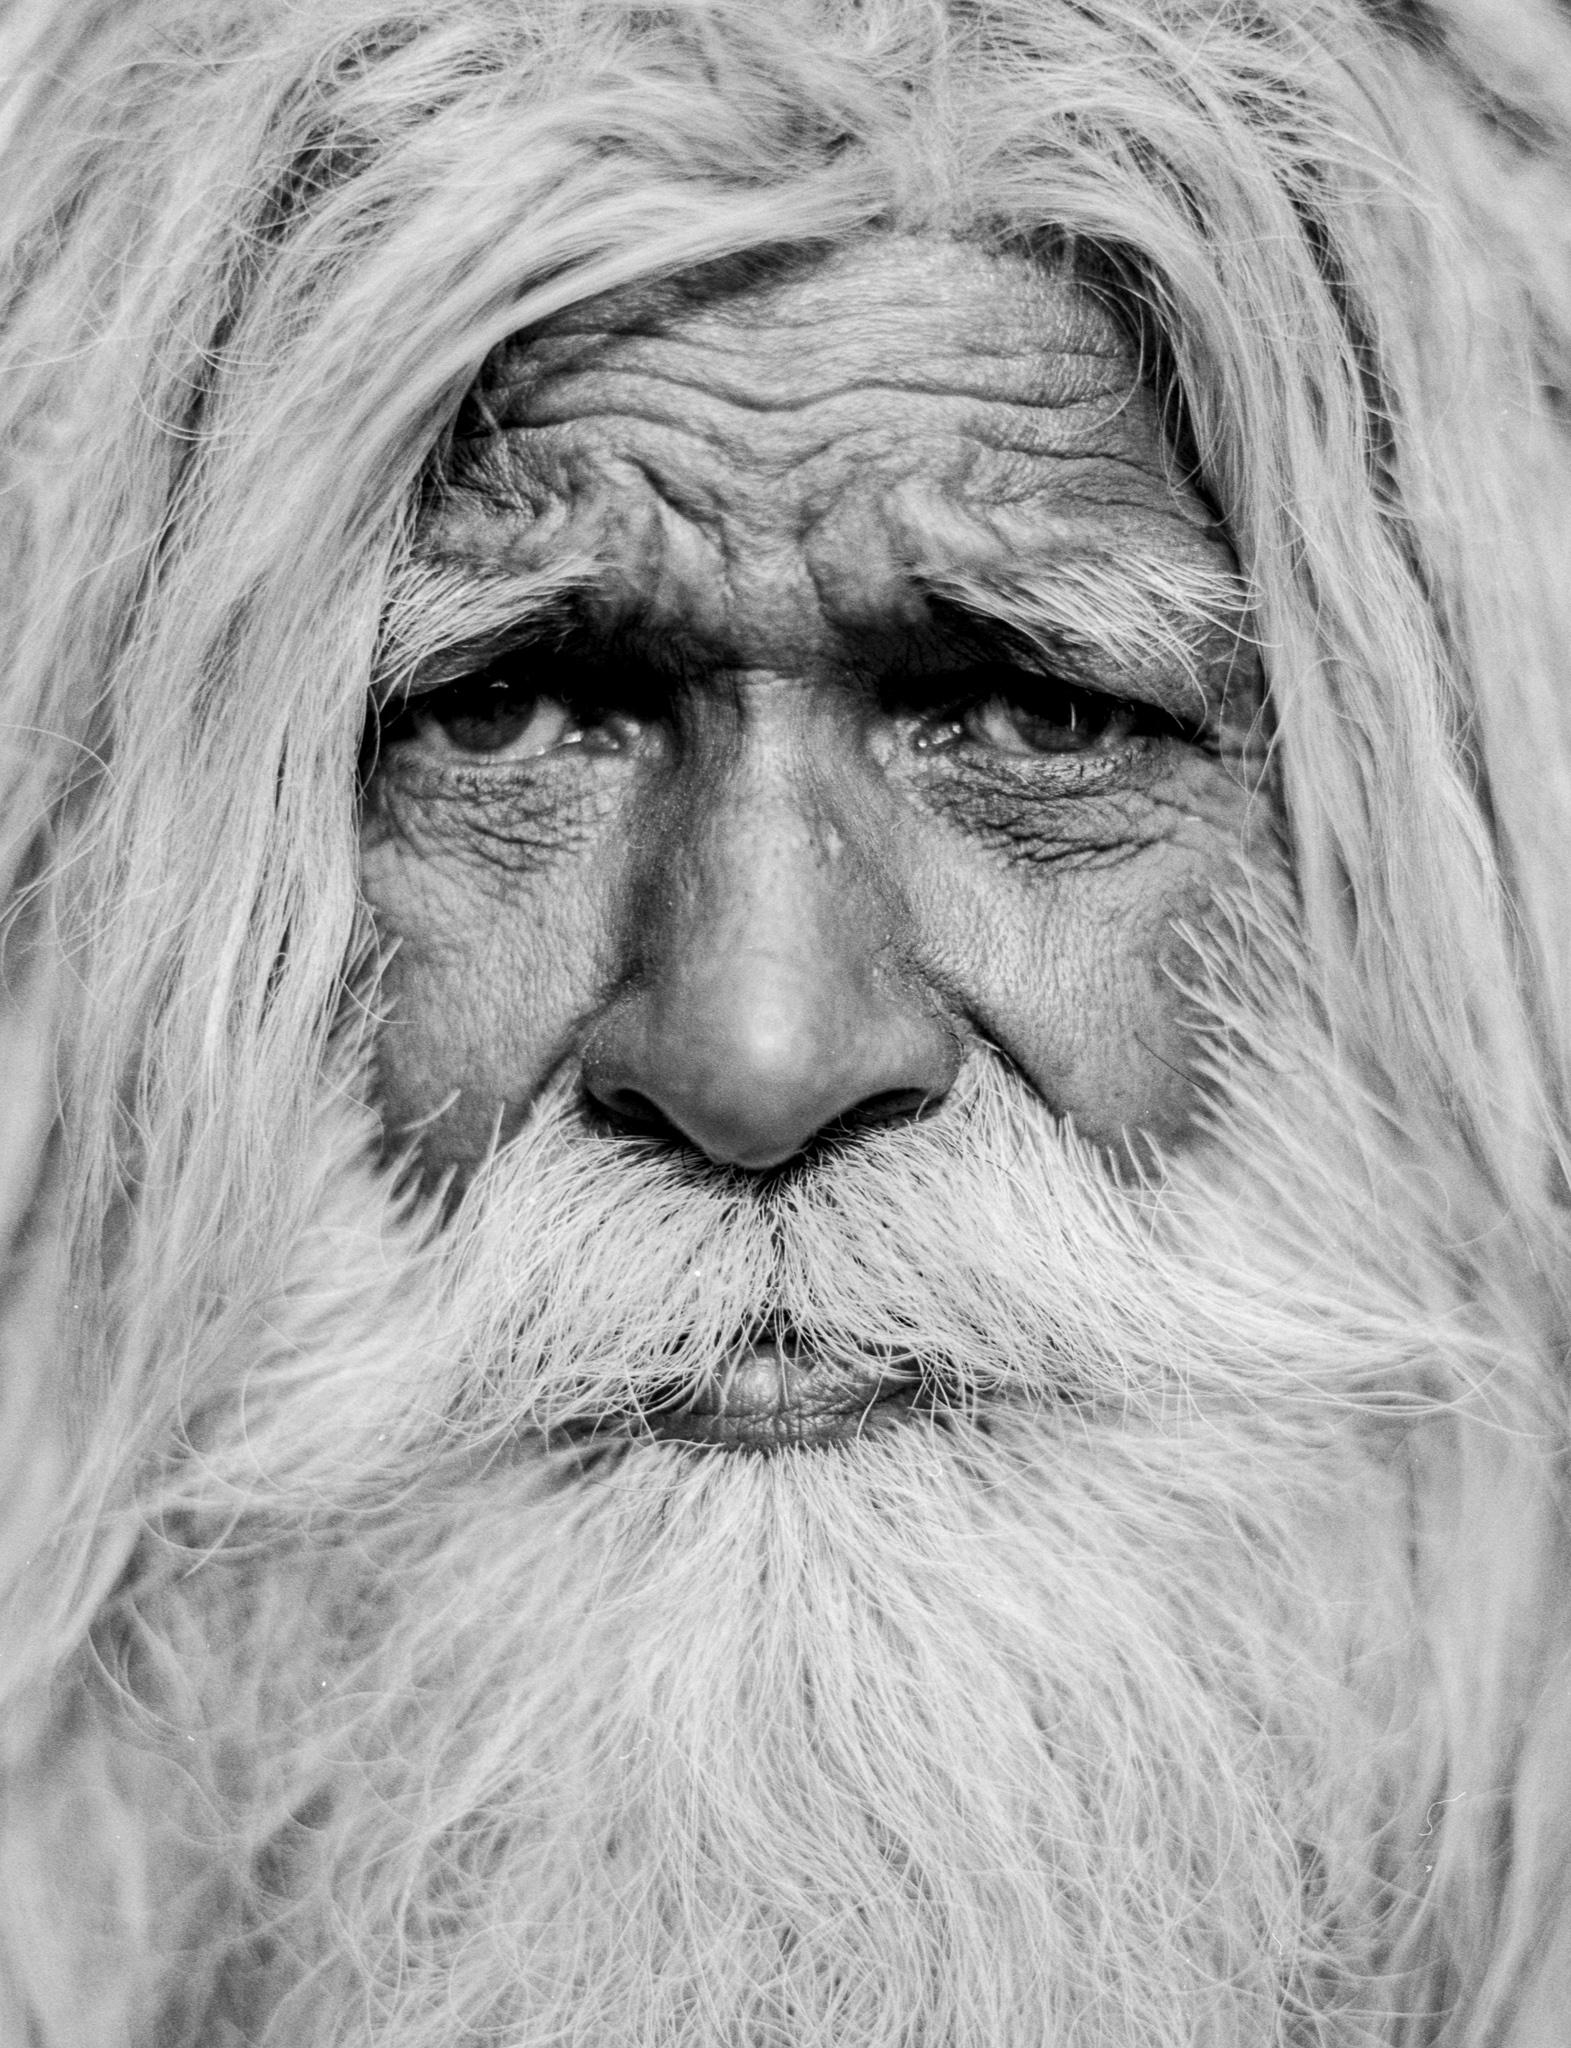 Varanasi_Moon_D76_Detail007.jpg